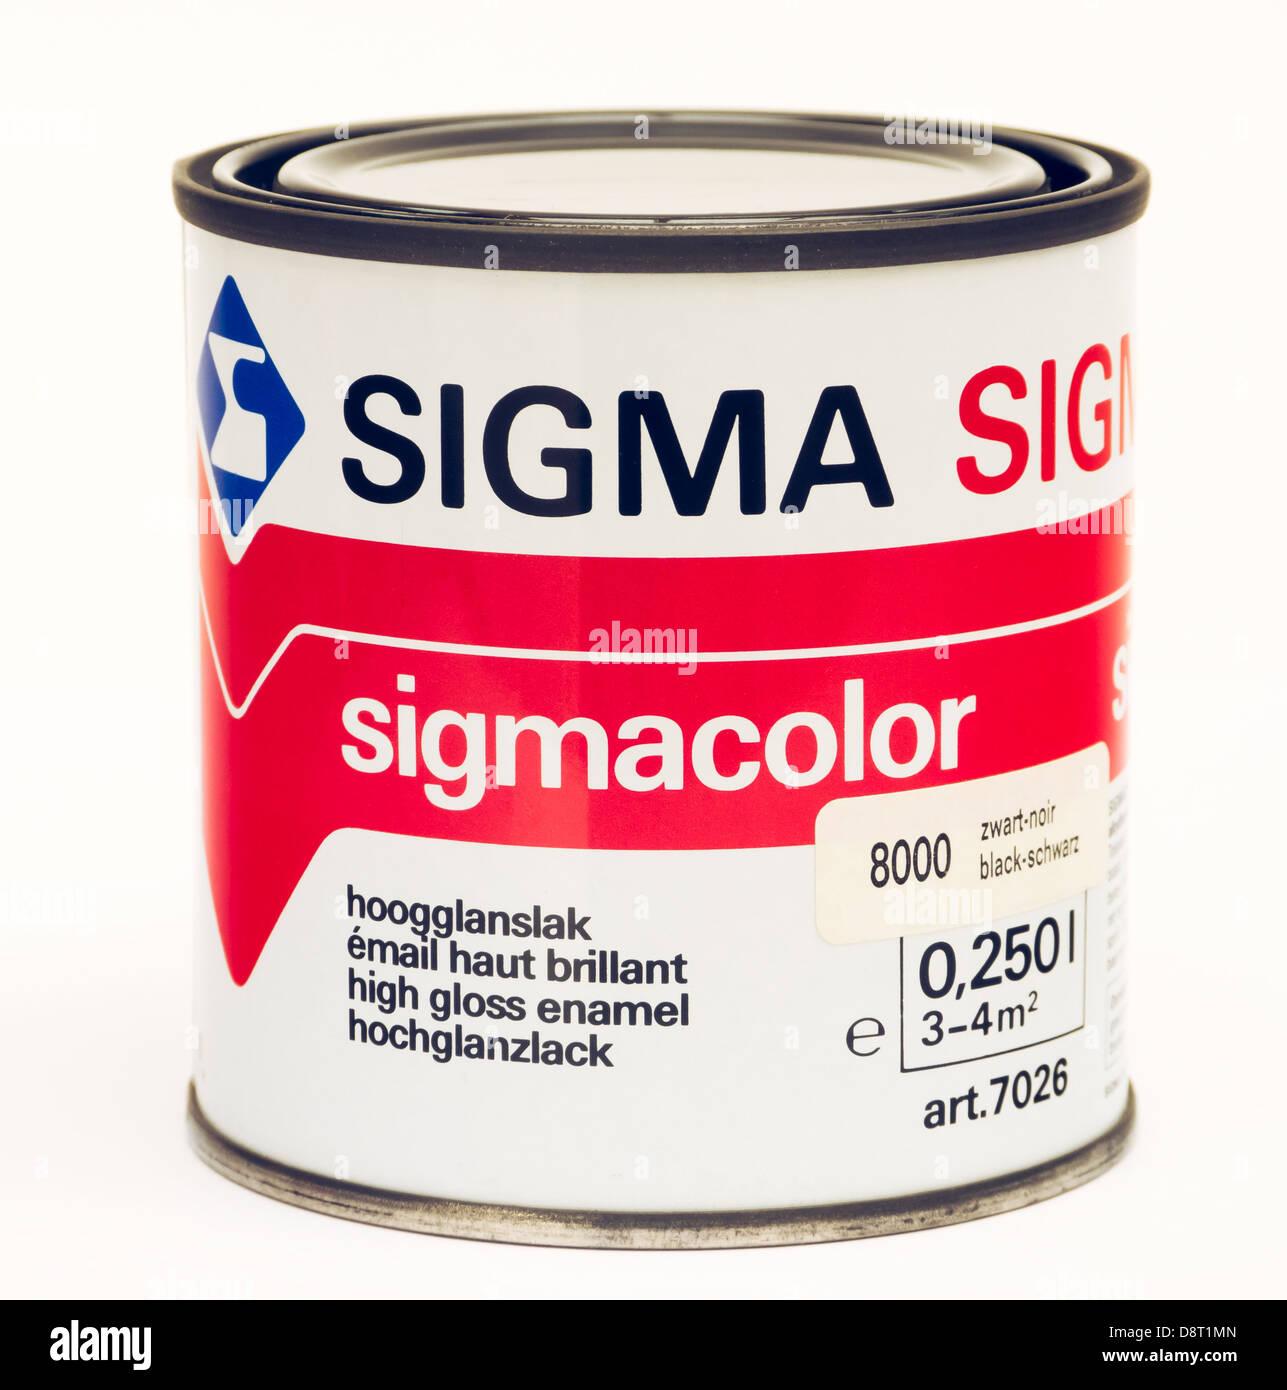 Sigma Paint Tin on White Stock Photo